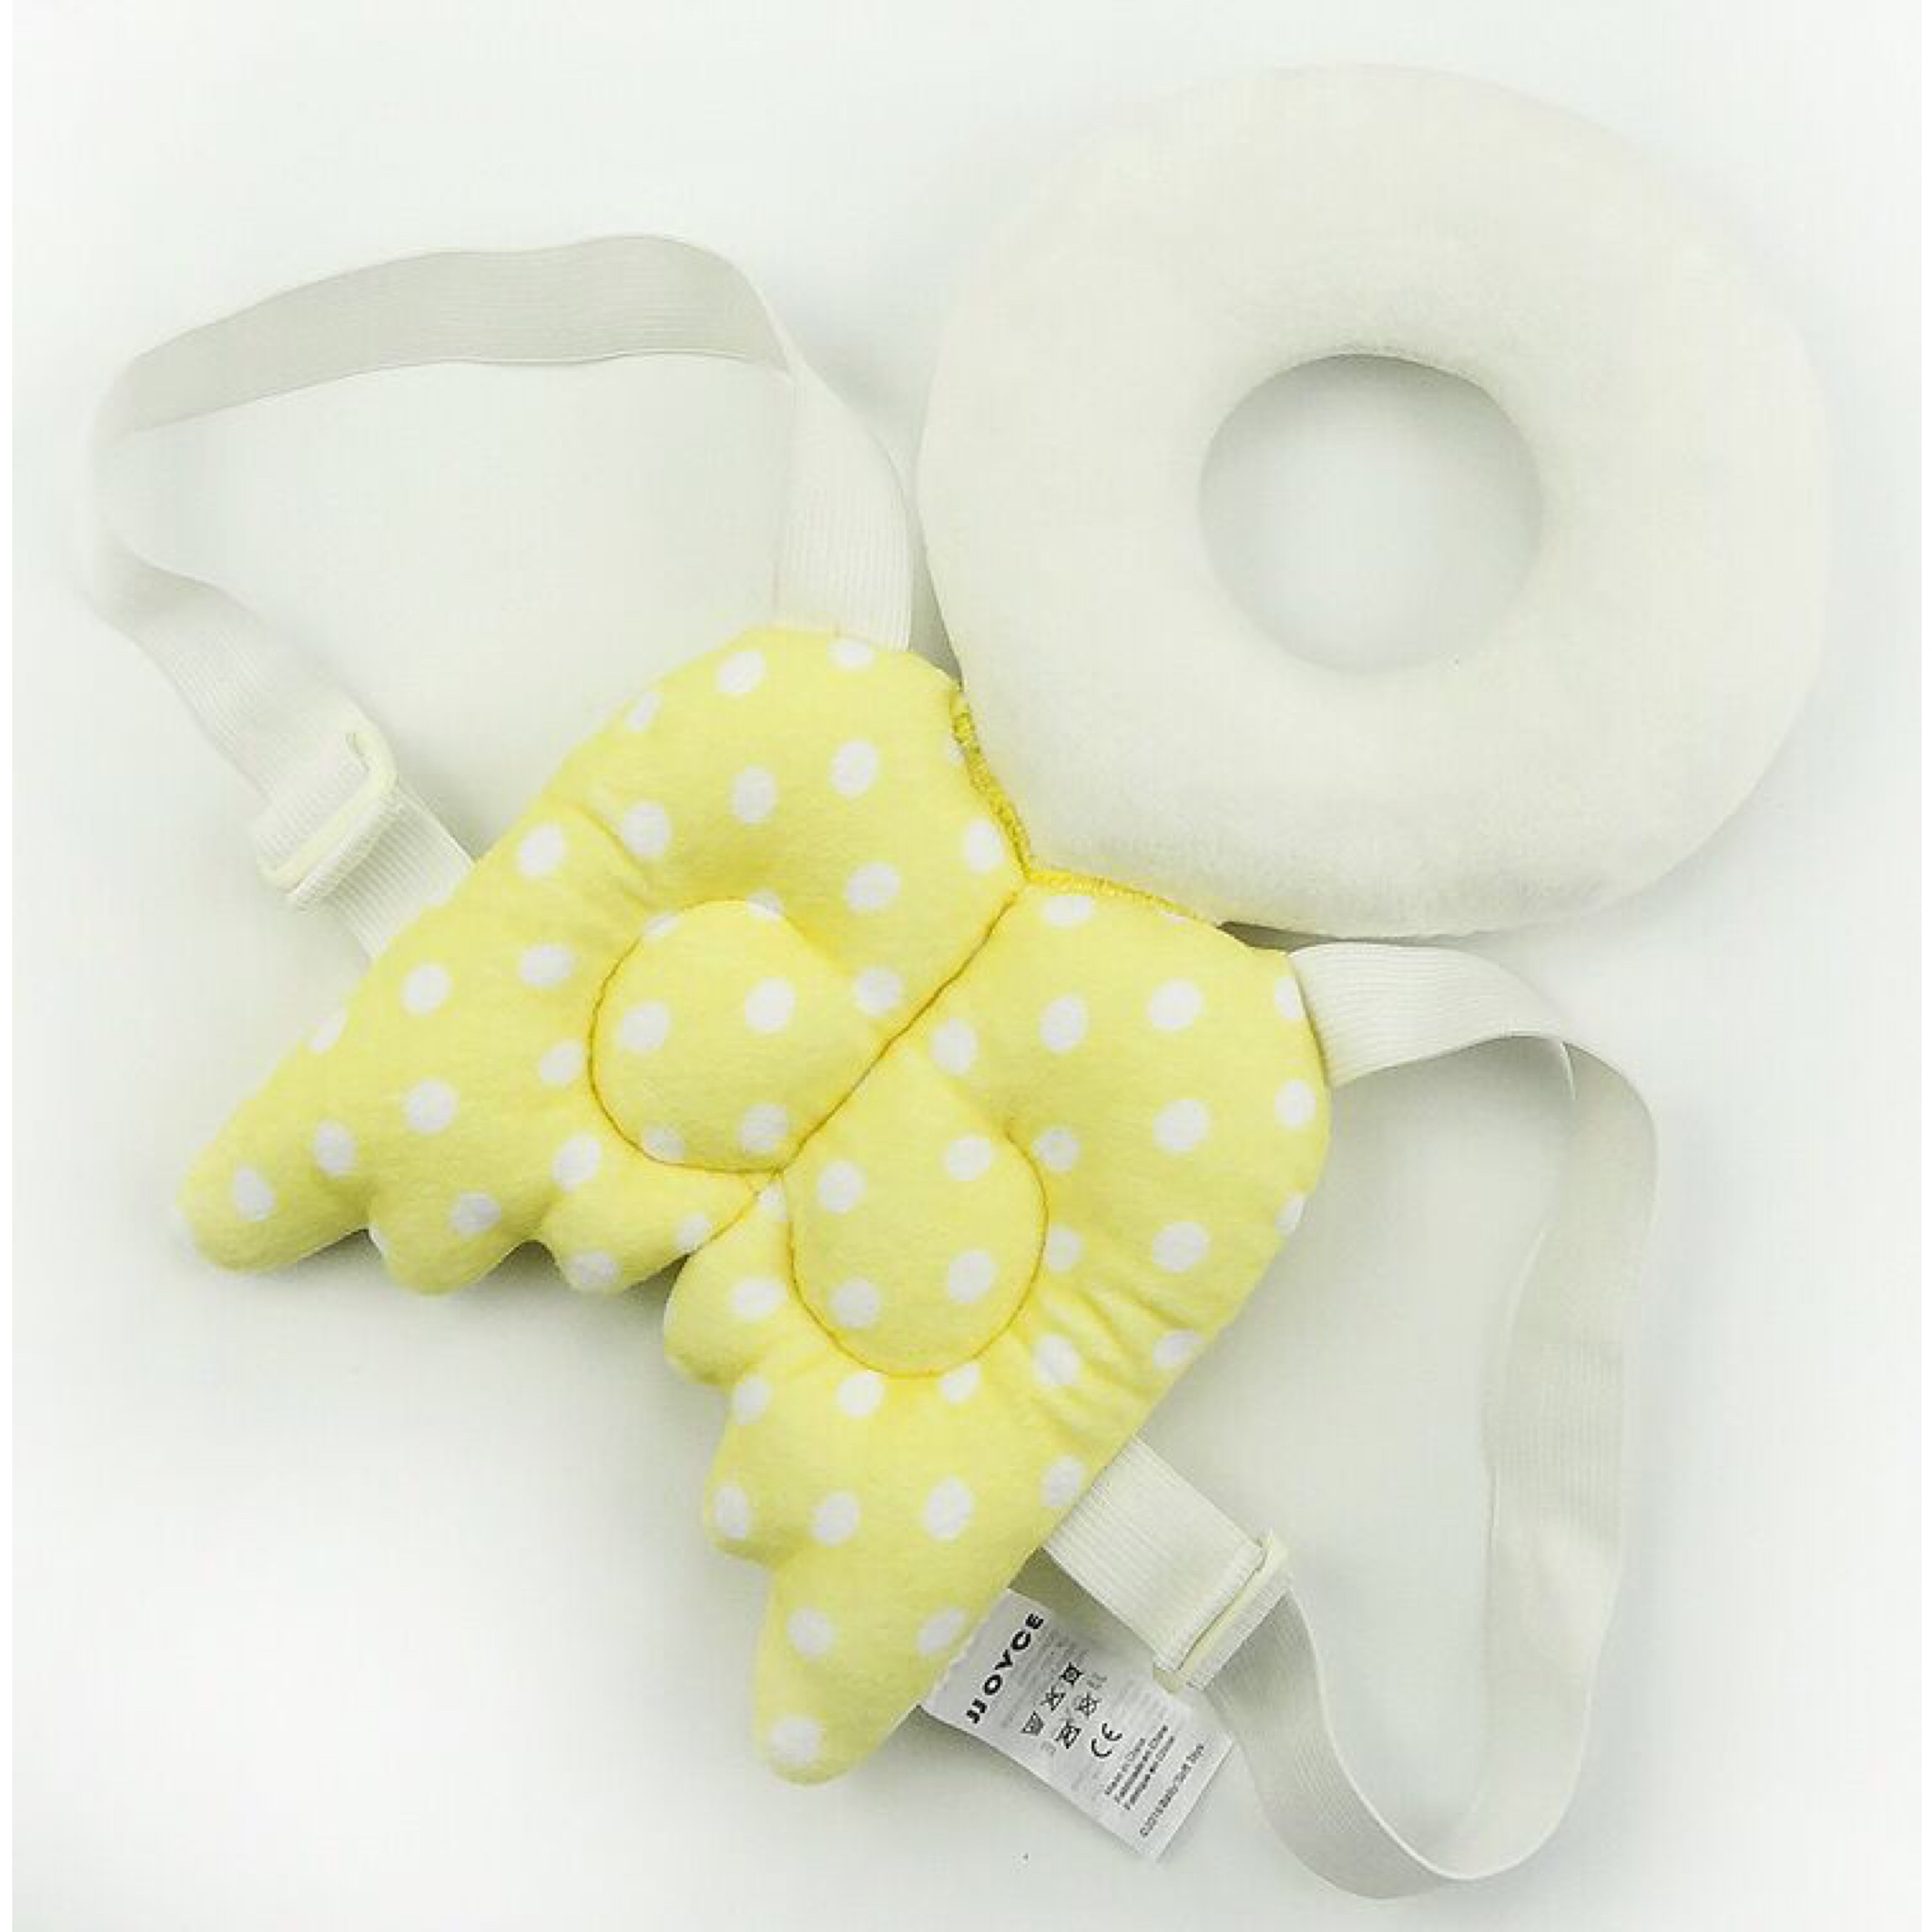 กระเป๋าเป้นิรภัยป้องกันศีรษะกระแทก JJ Ovce Safety Head Protector Backpack (Yellow)